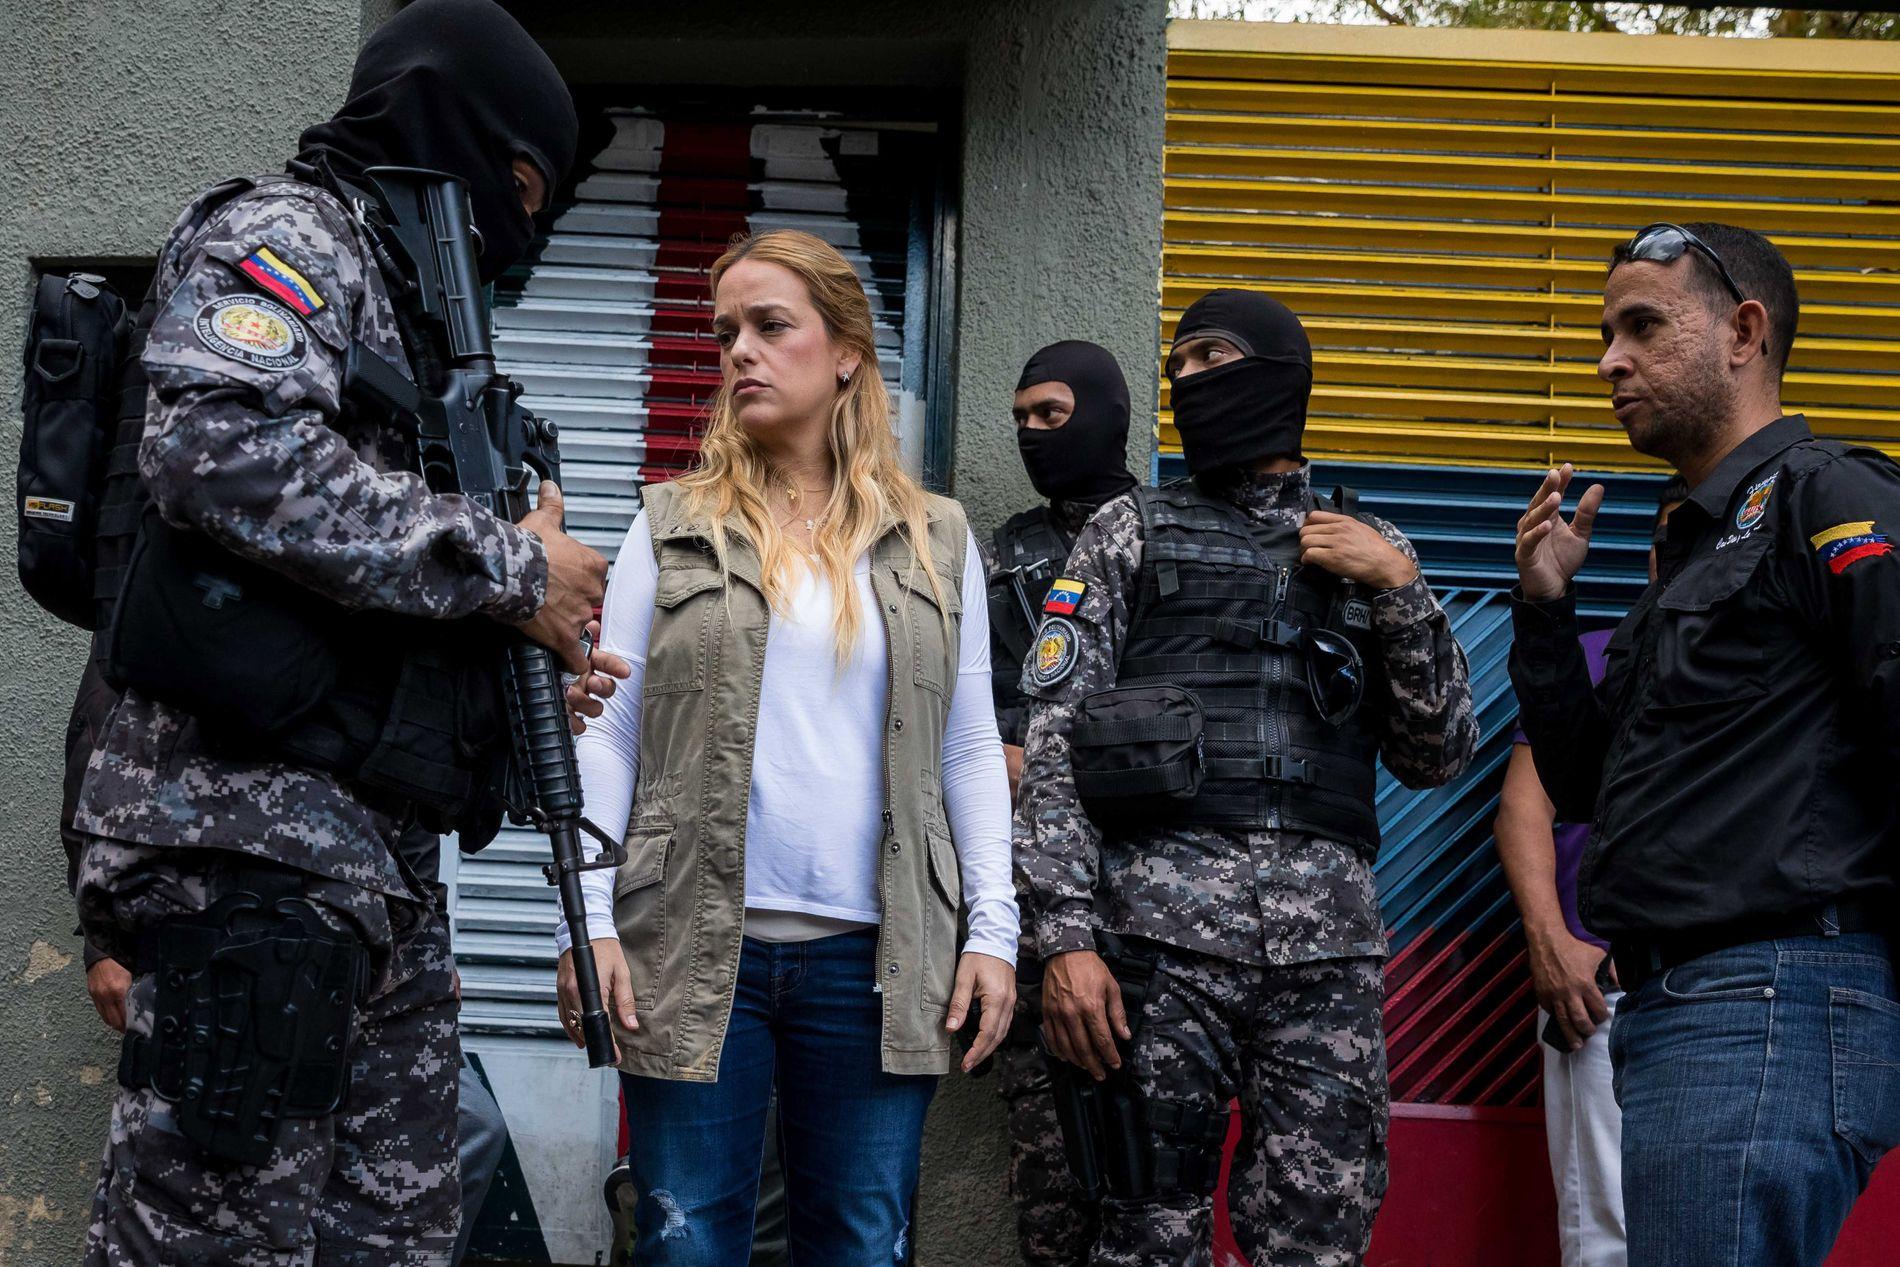 RAIDET HJEMMET: Lilian Tintori (bildet) er kona til den venezuelanske opposisjonspolitikeren Leopoldo López, som siden 2014 har vært fengslet eller sittet i husarrest. I mars stormet tungt bevæpnede sikkerhetsstyrker parets hjem i Caracas..